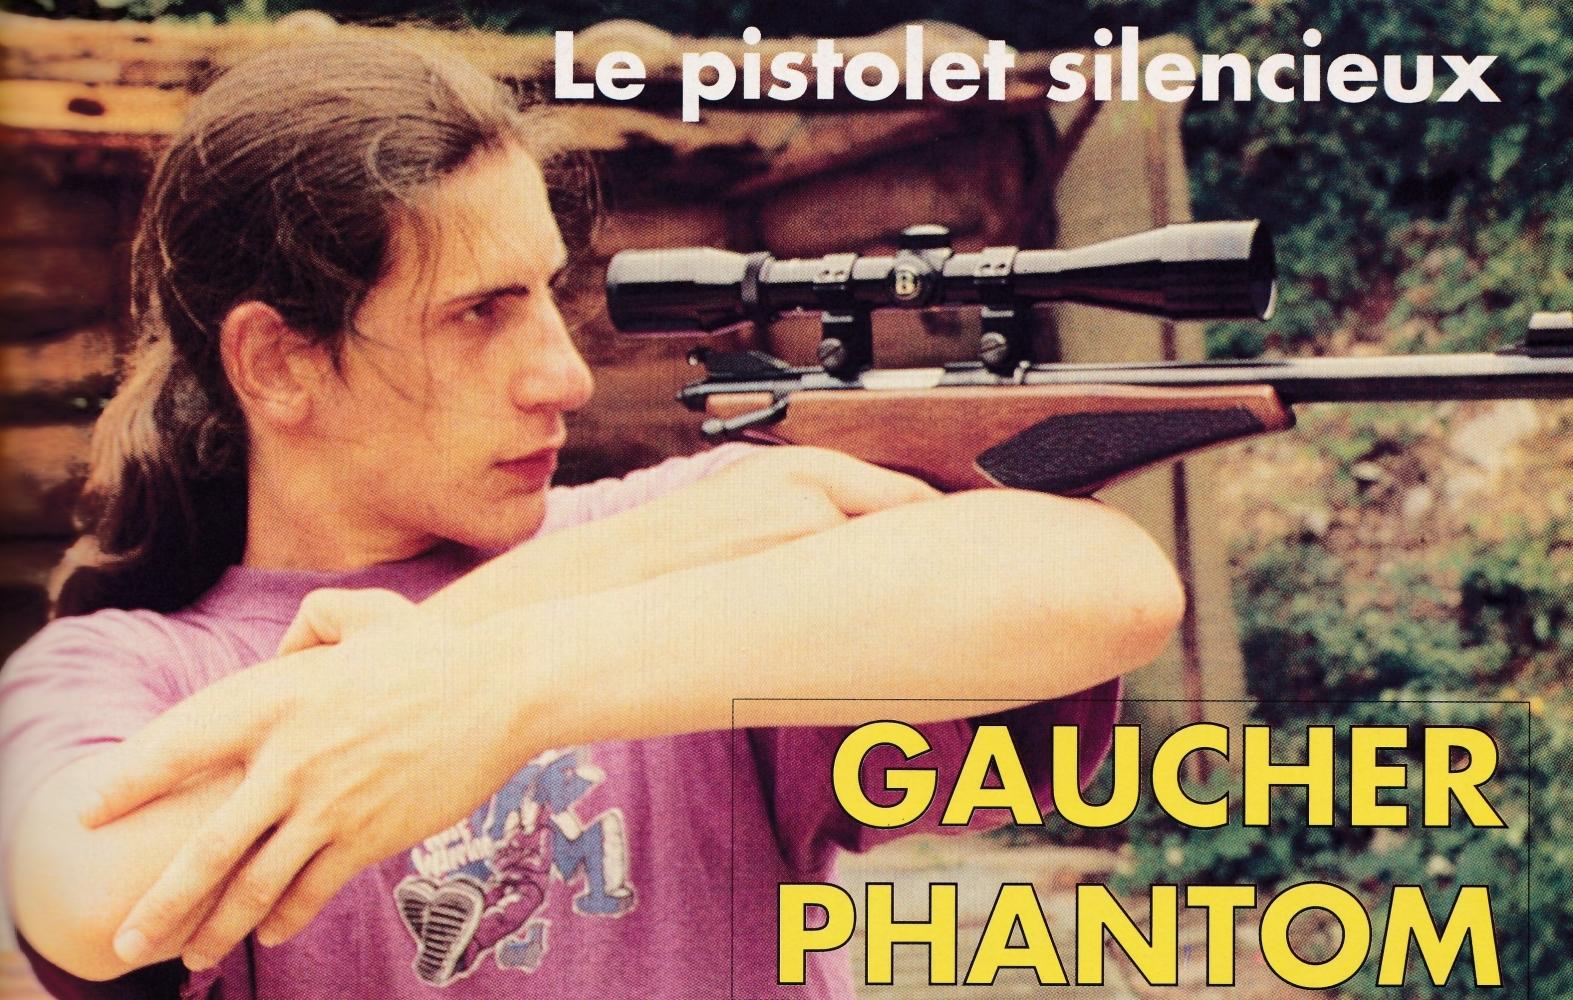 Gaucher Phantom_prise de visée_small